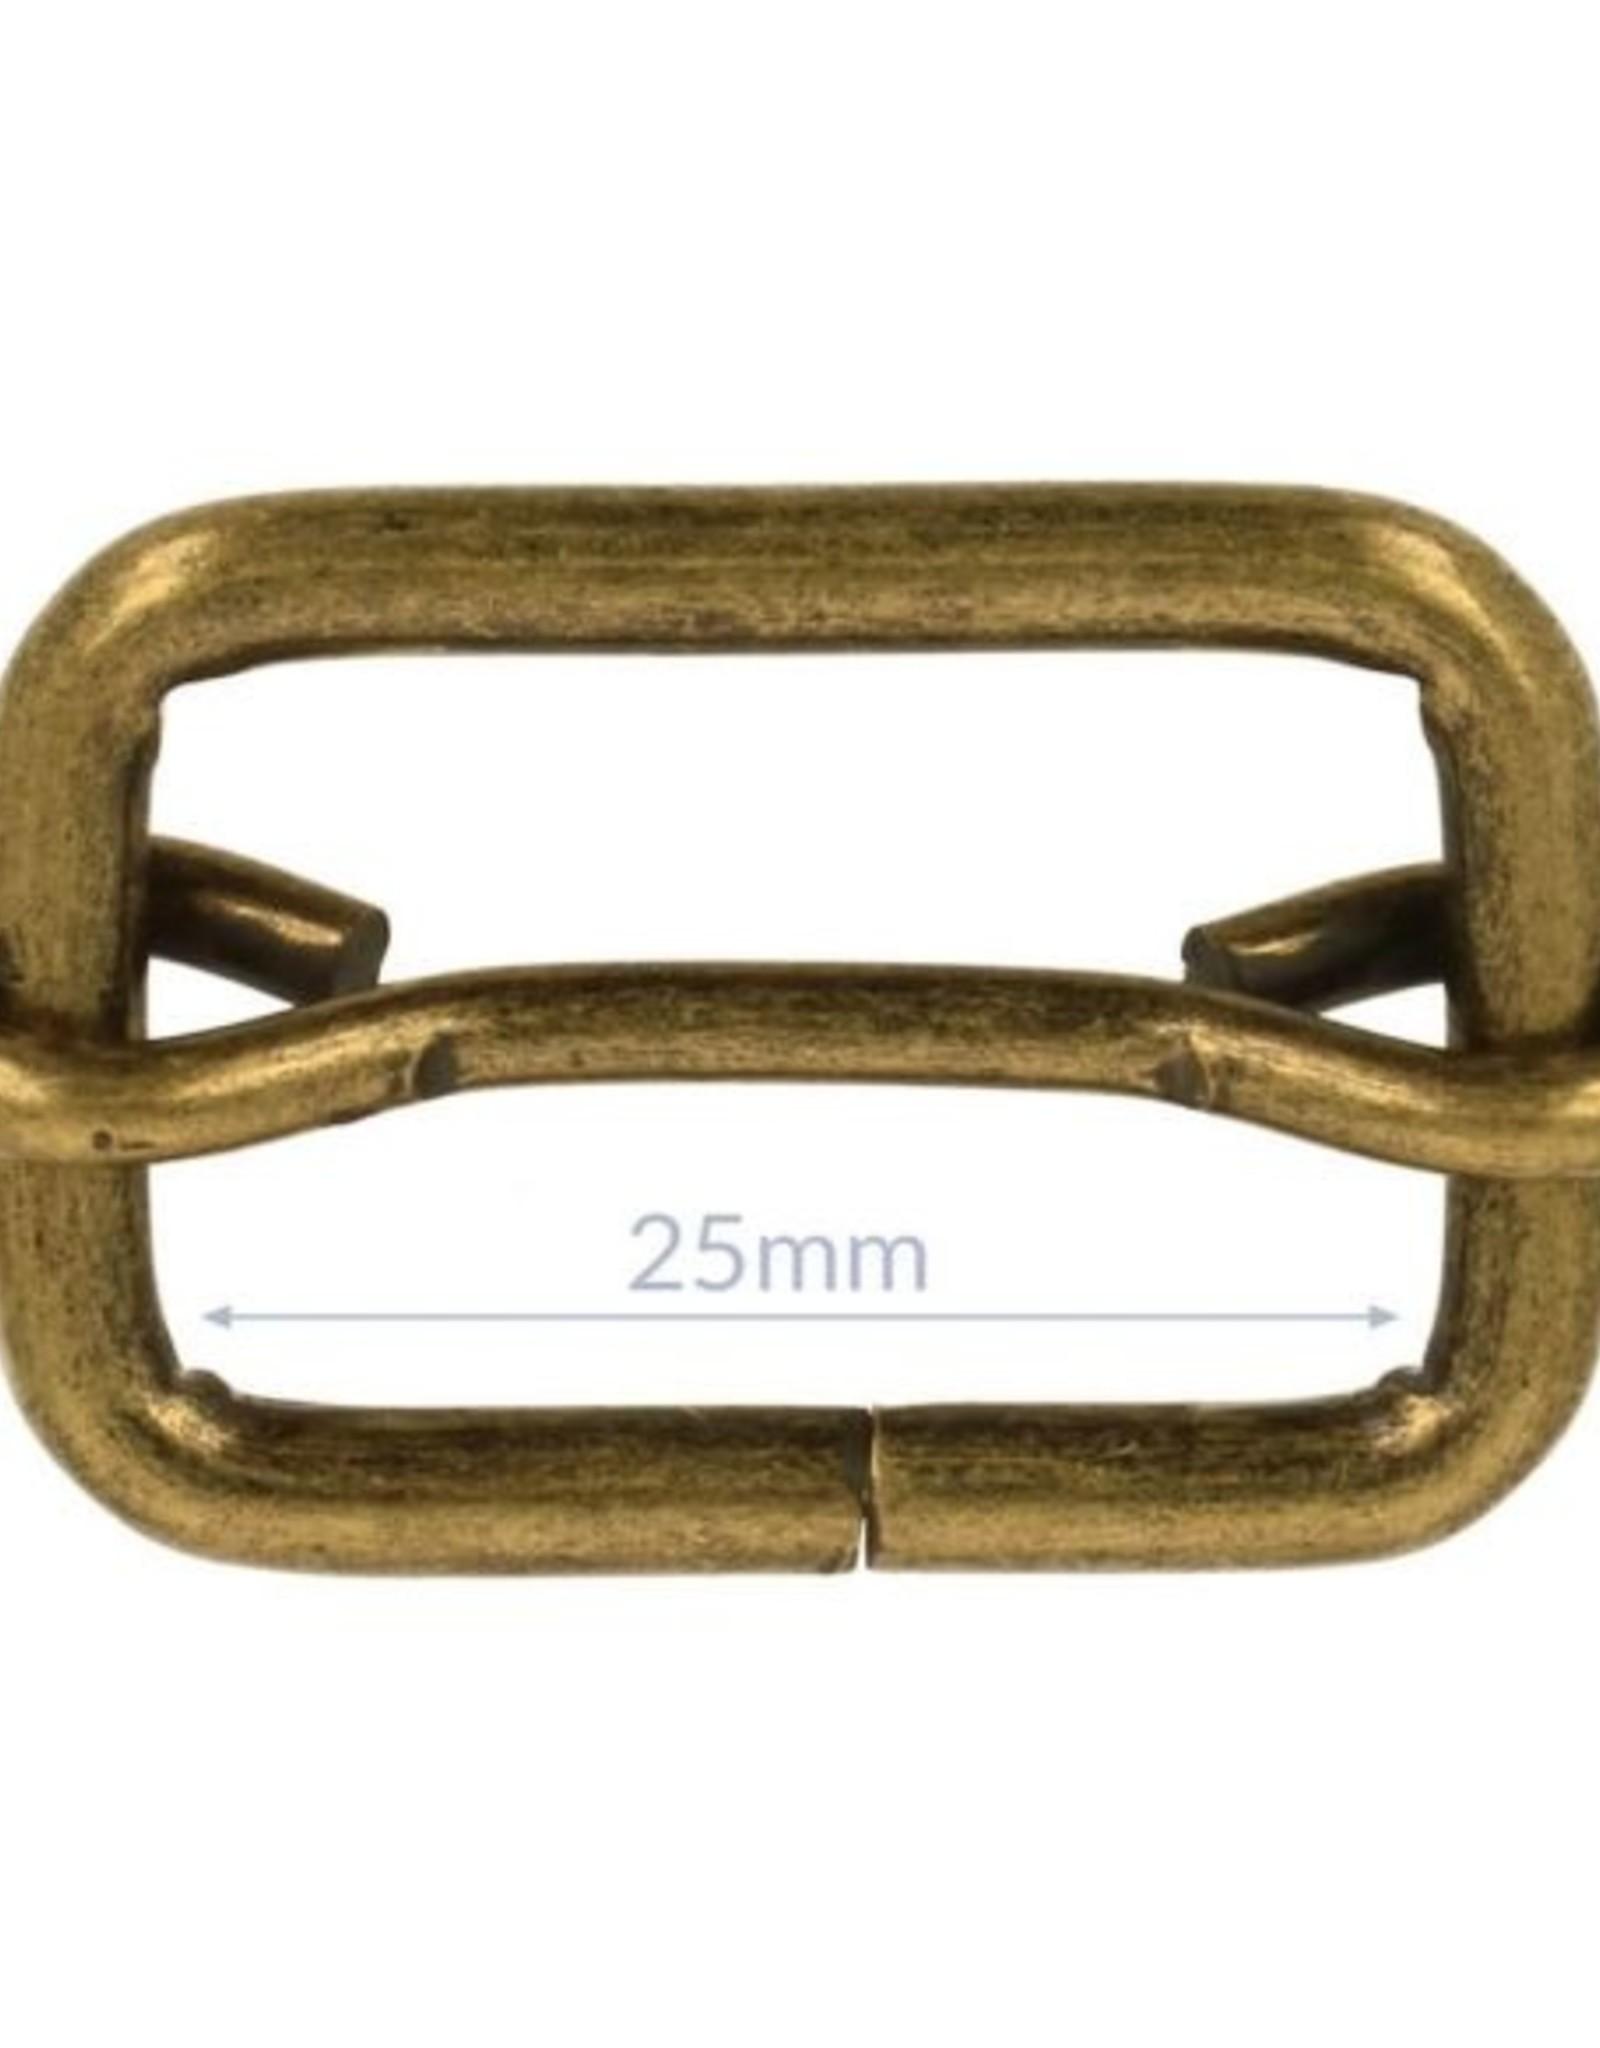 Schuifgesp 25mm